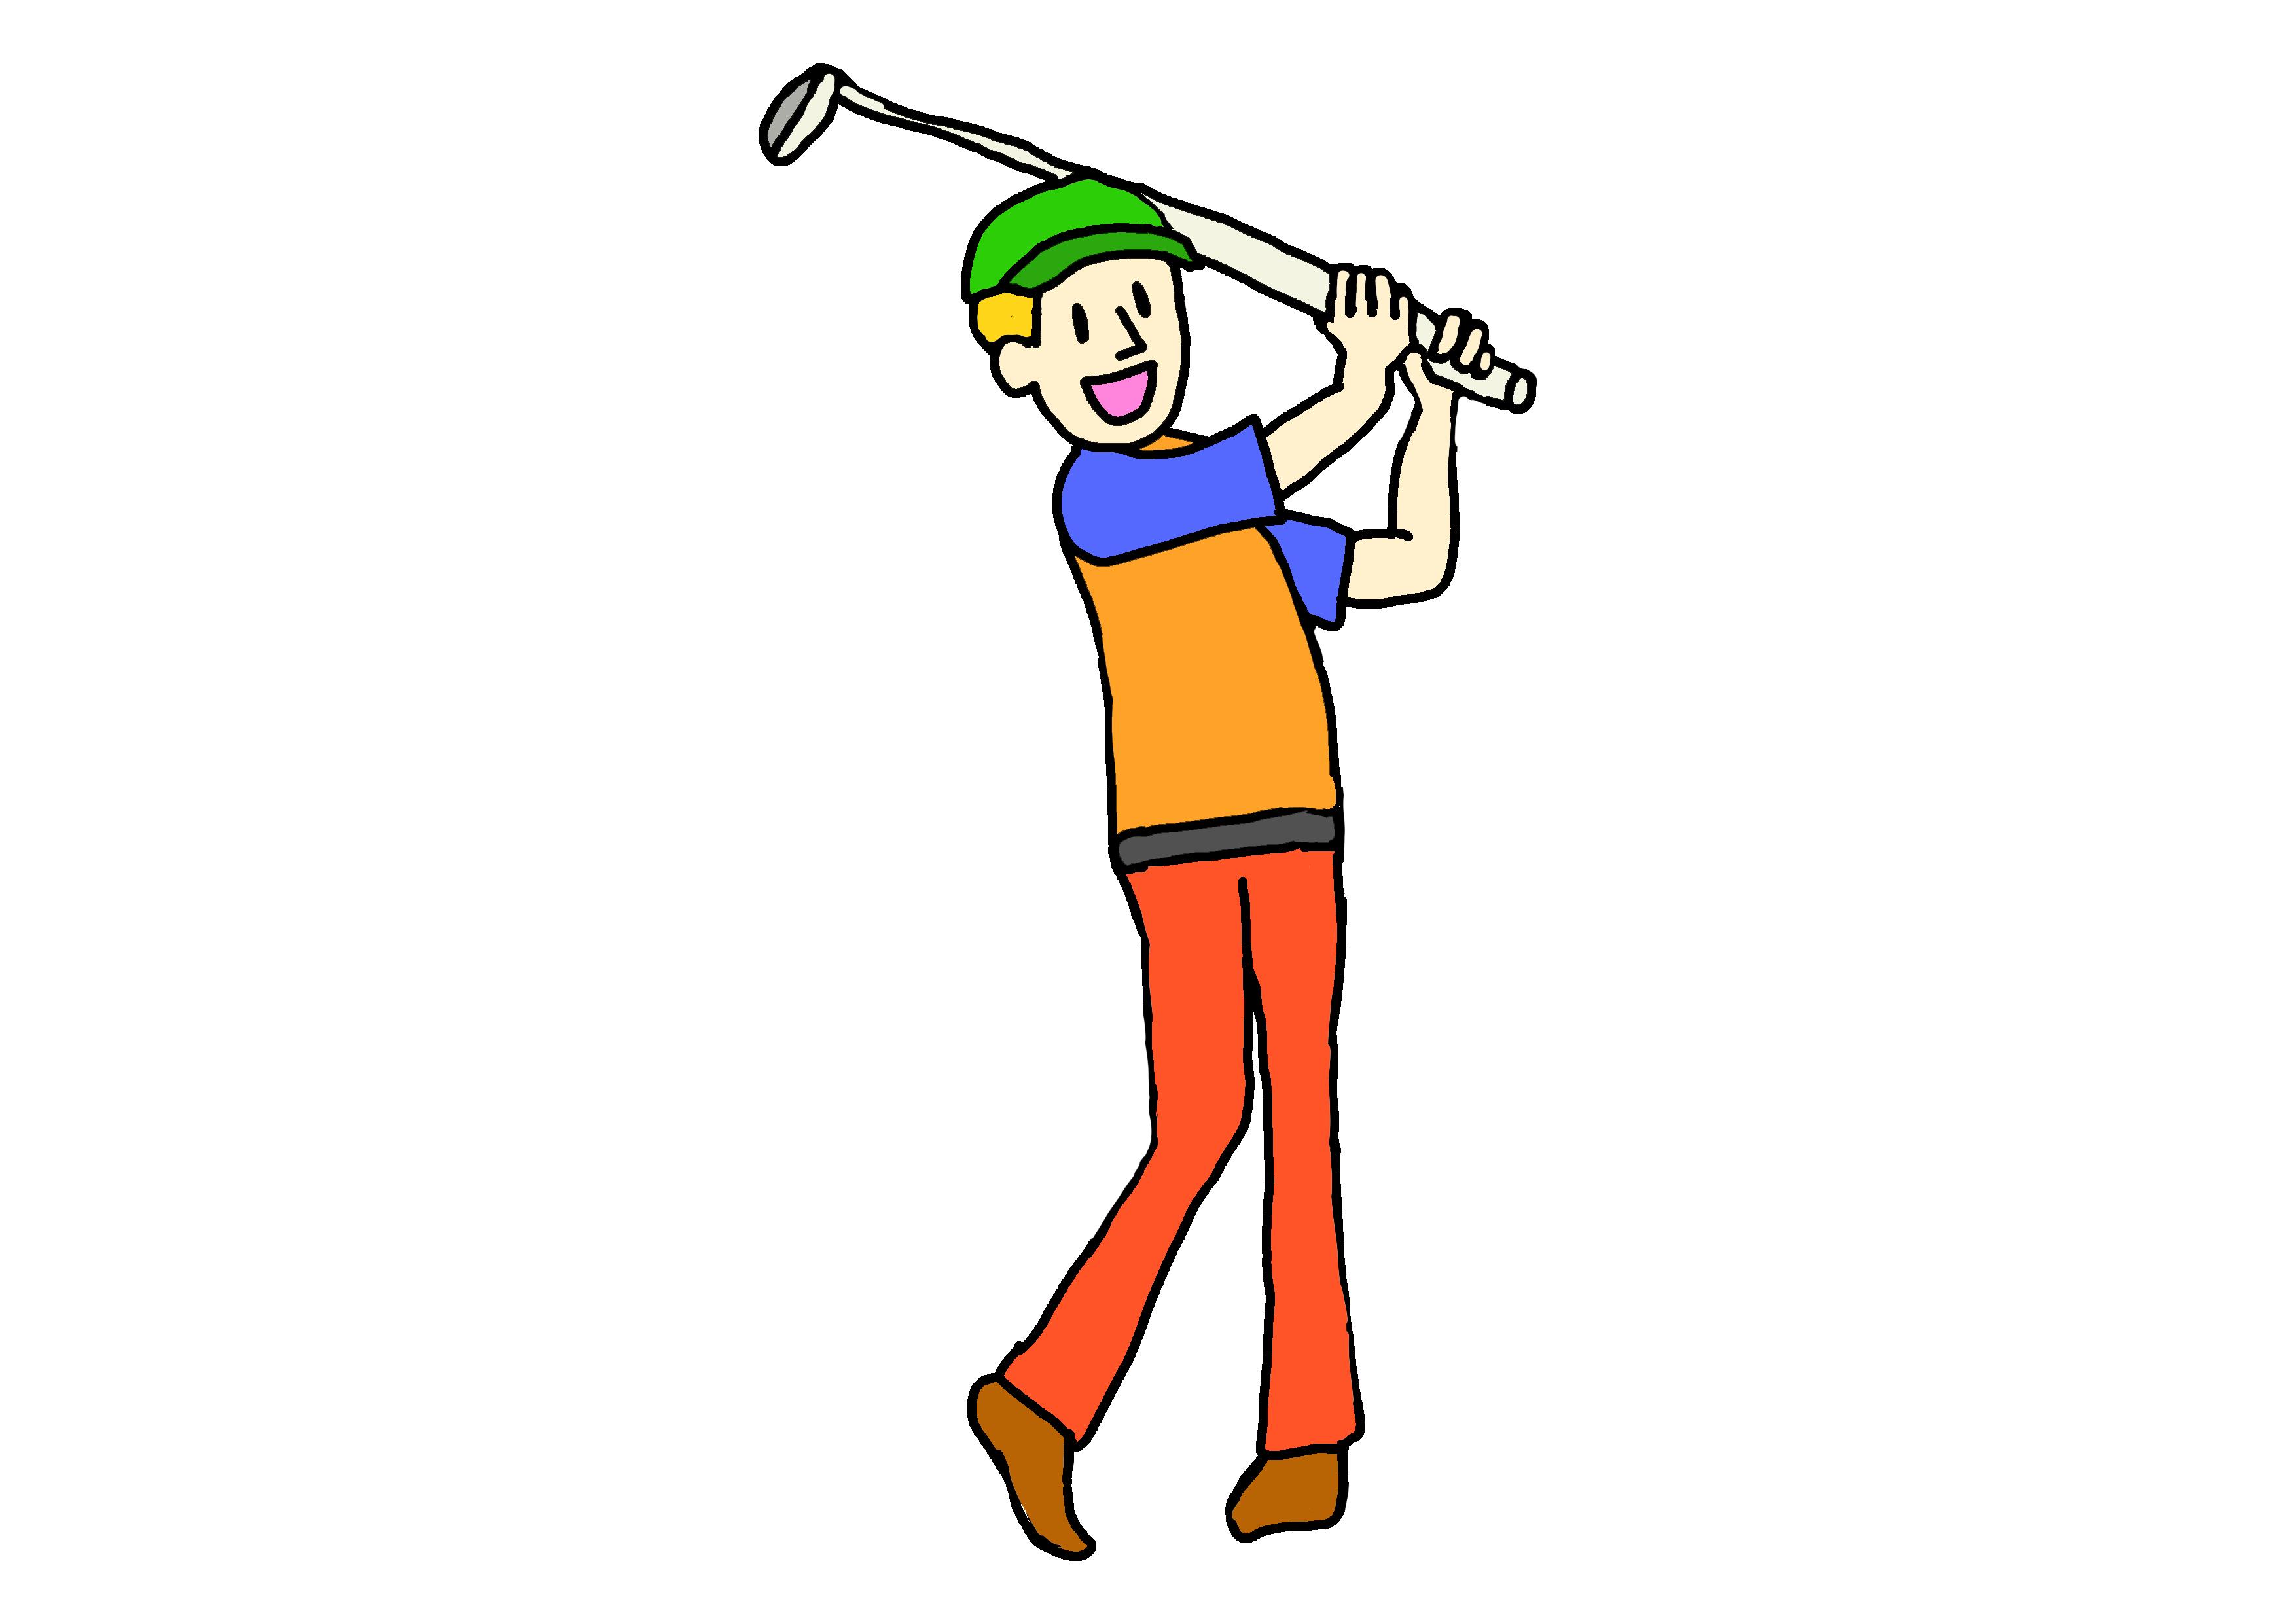 イラスト【ゴルフ】